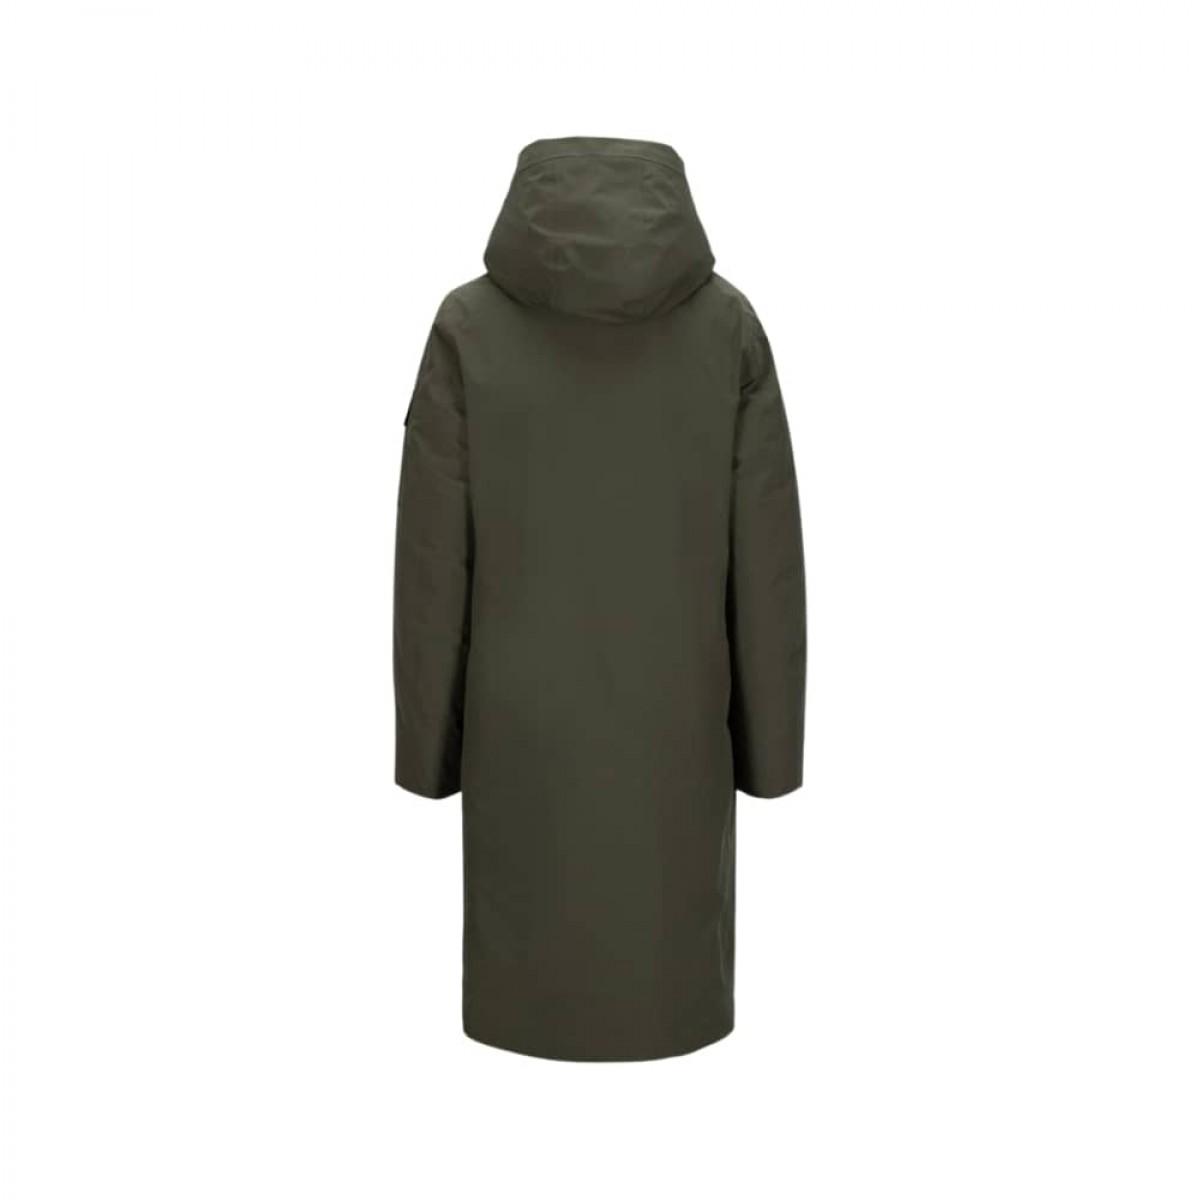 bjorli jacket - green - ryg